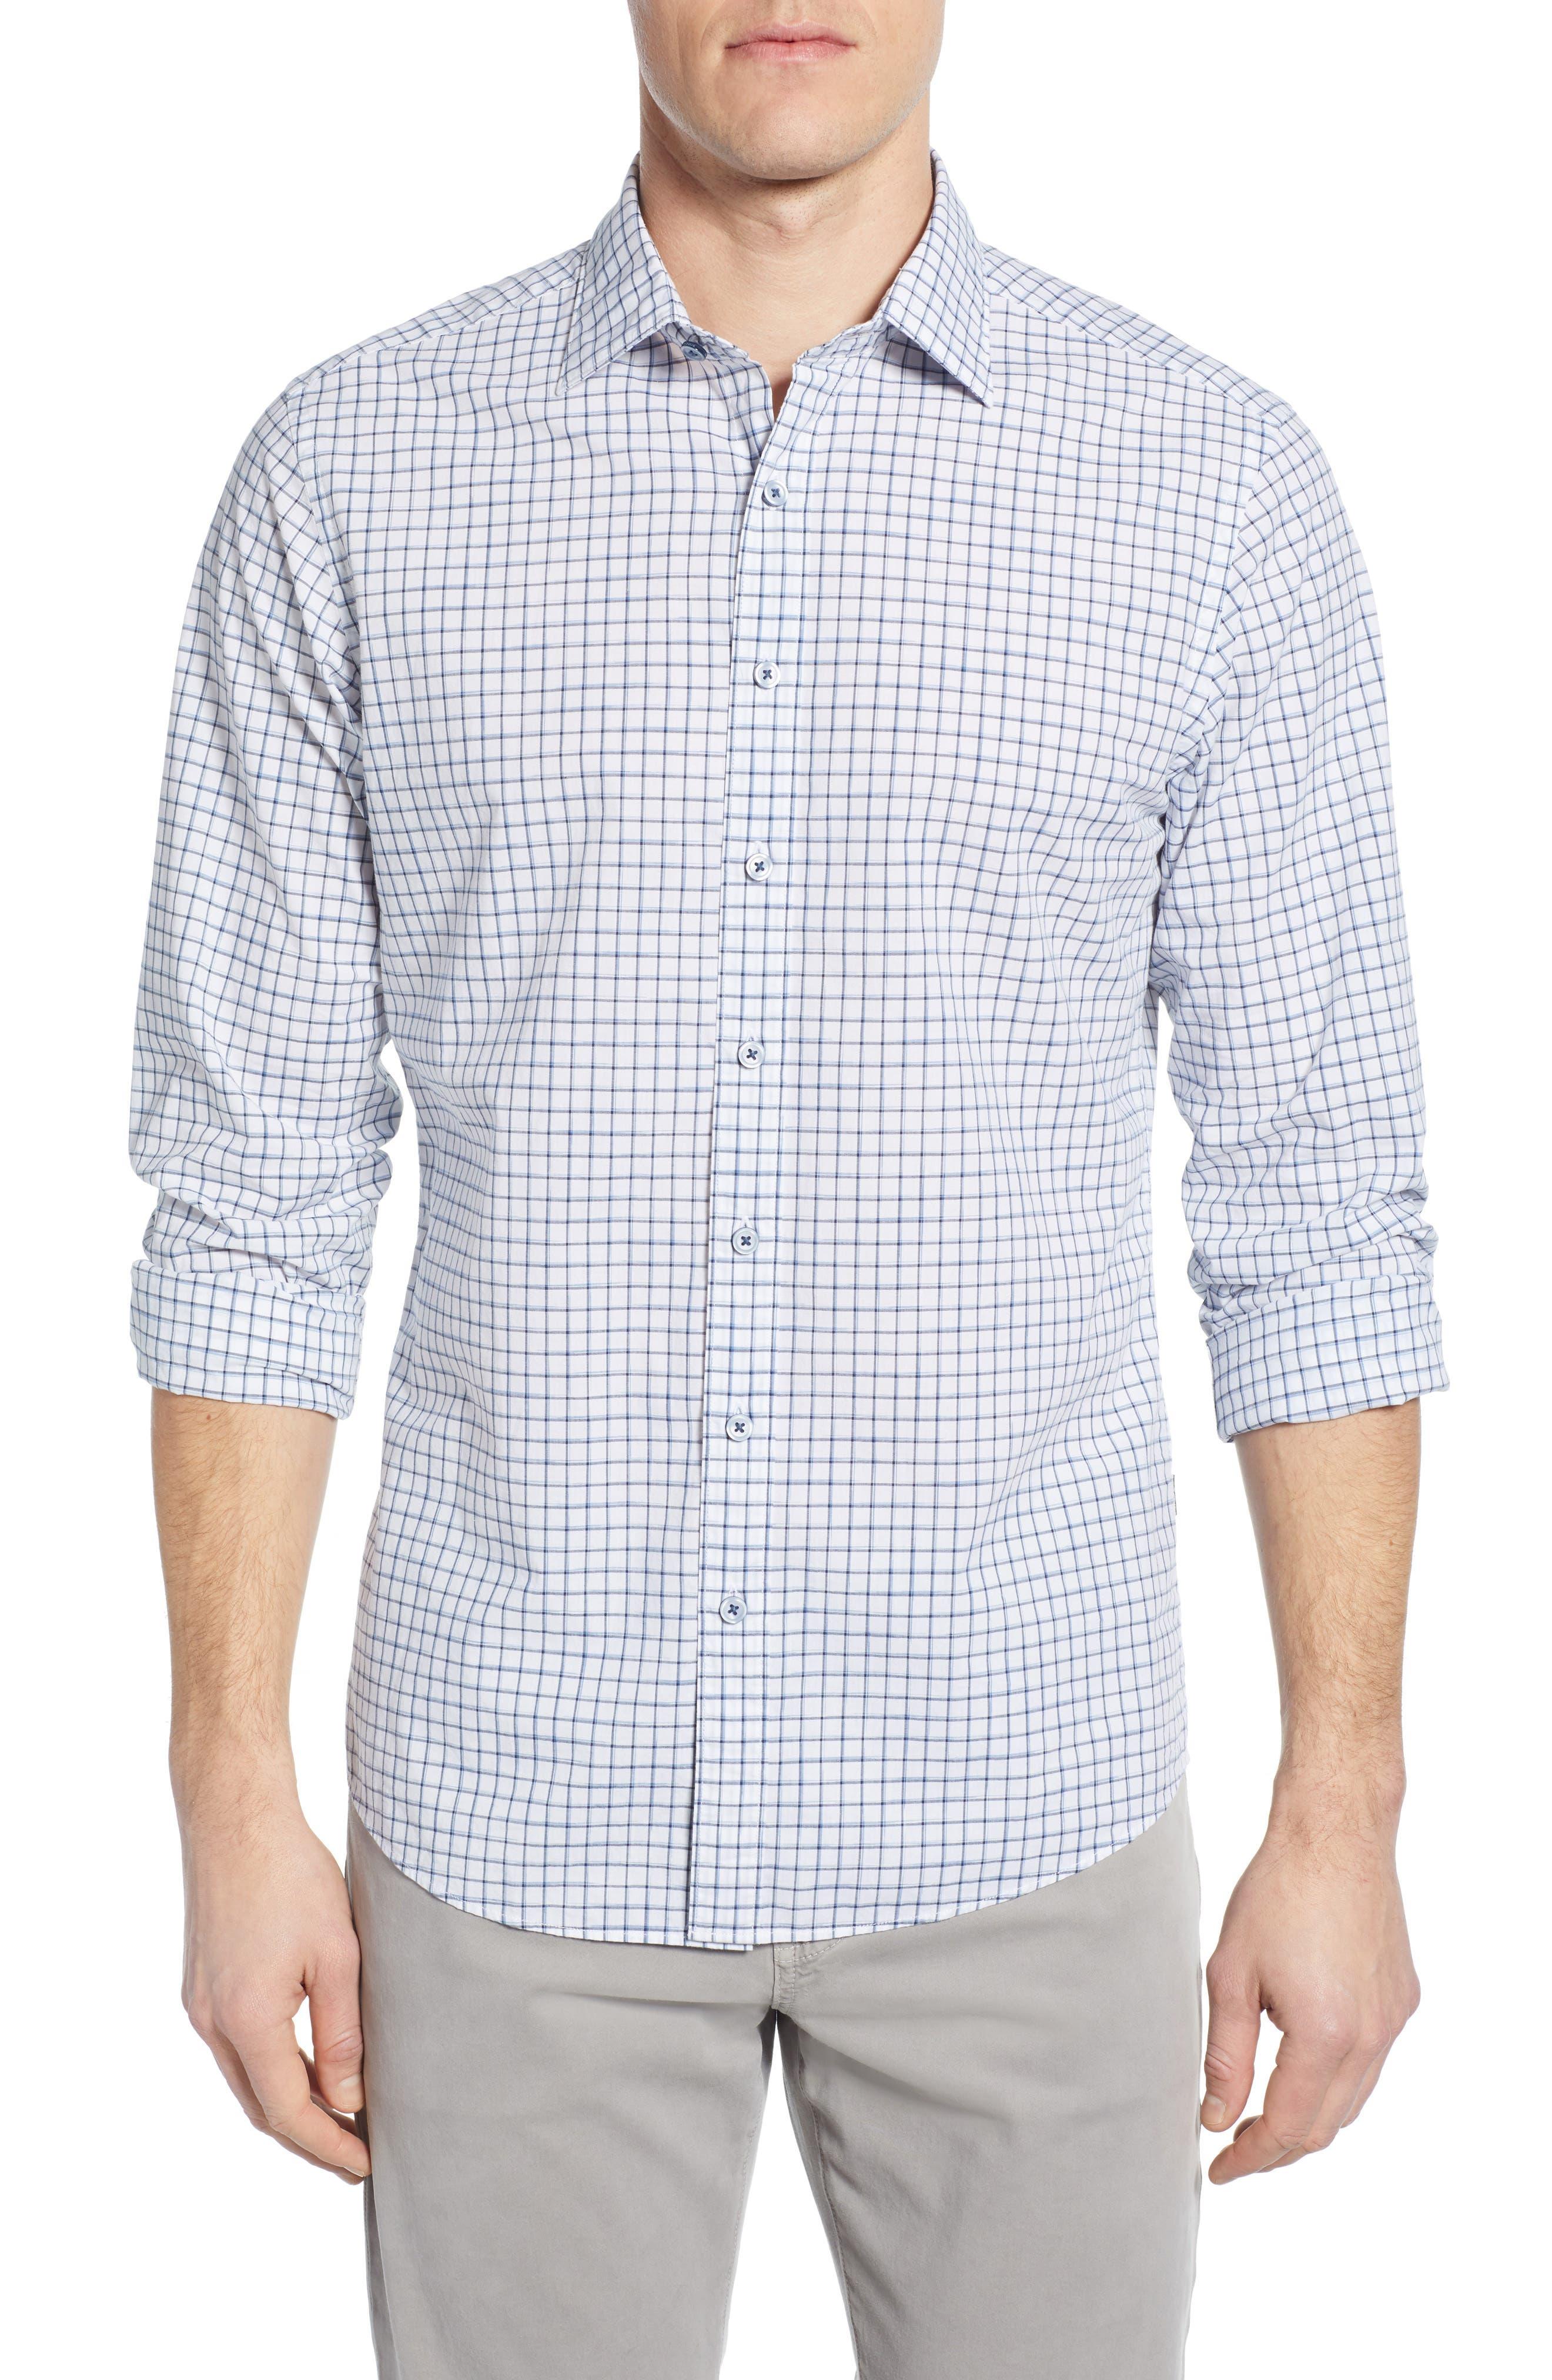 RODD & GUNN, Gowerville Regular Fit Check Sport Shirt, Main thumbnail 1, color, SNOW